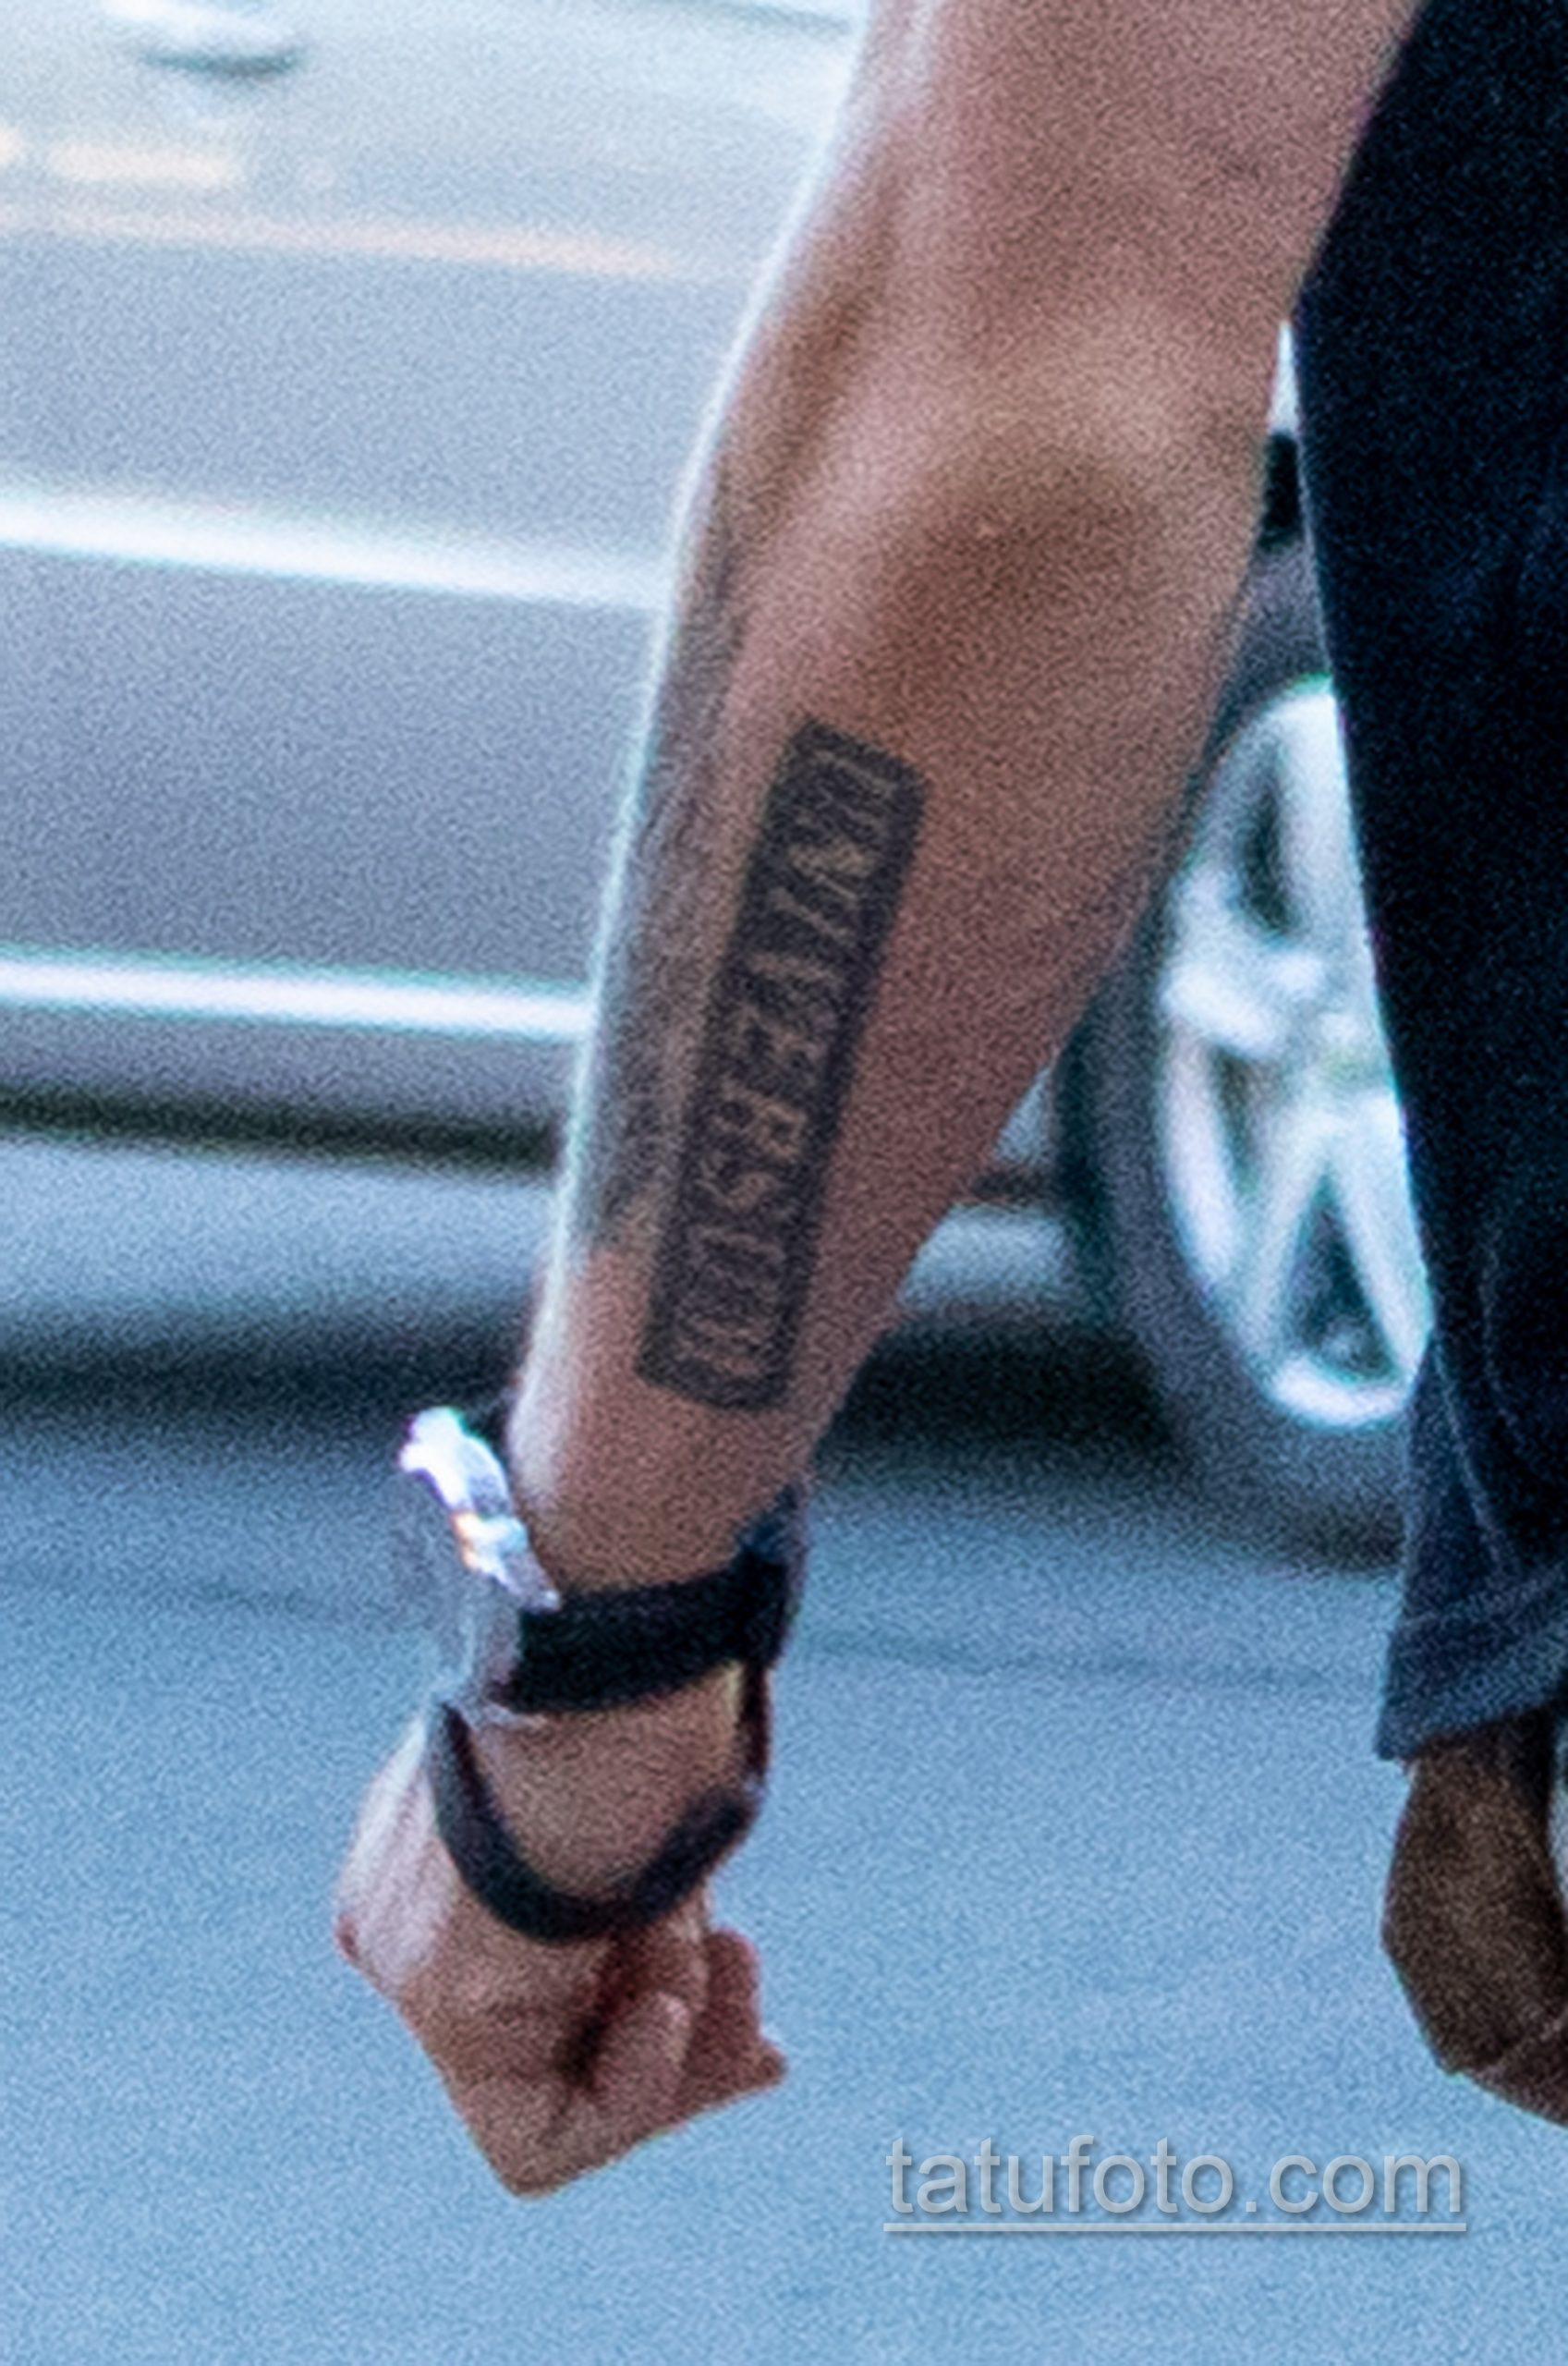 Тату надпись UNIVERSUM на руке мужчины - Уличная татуировка 14.09.2020 – tatufoto.com 2